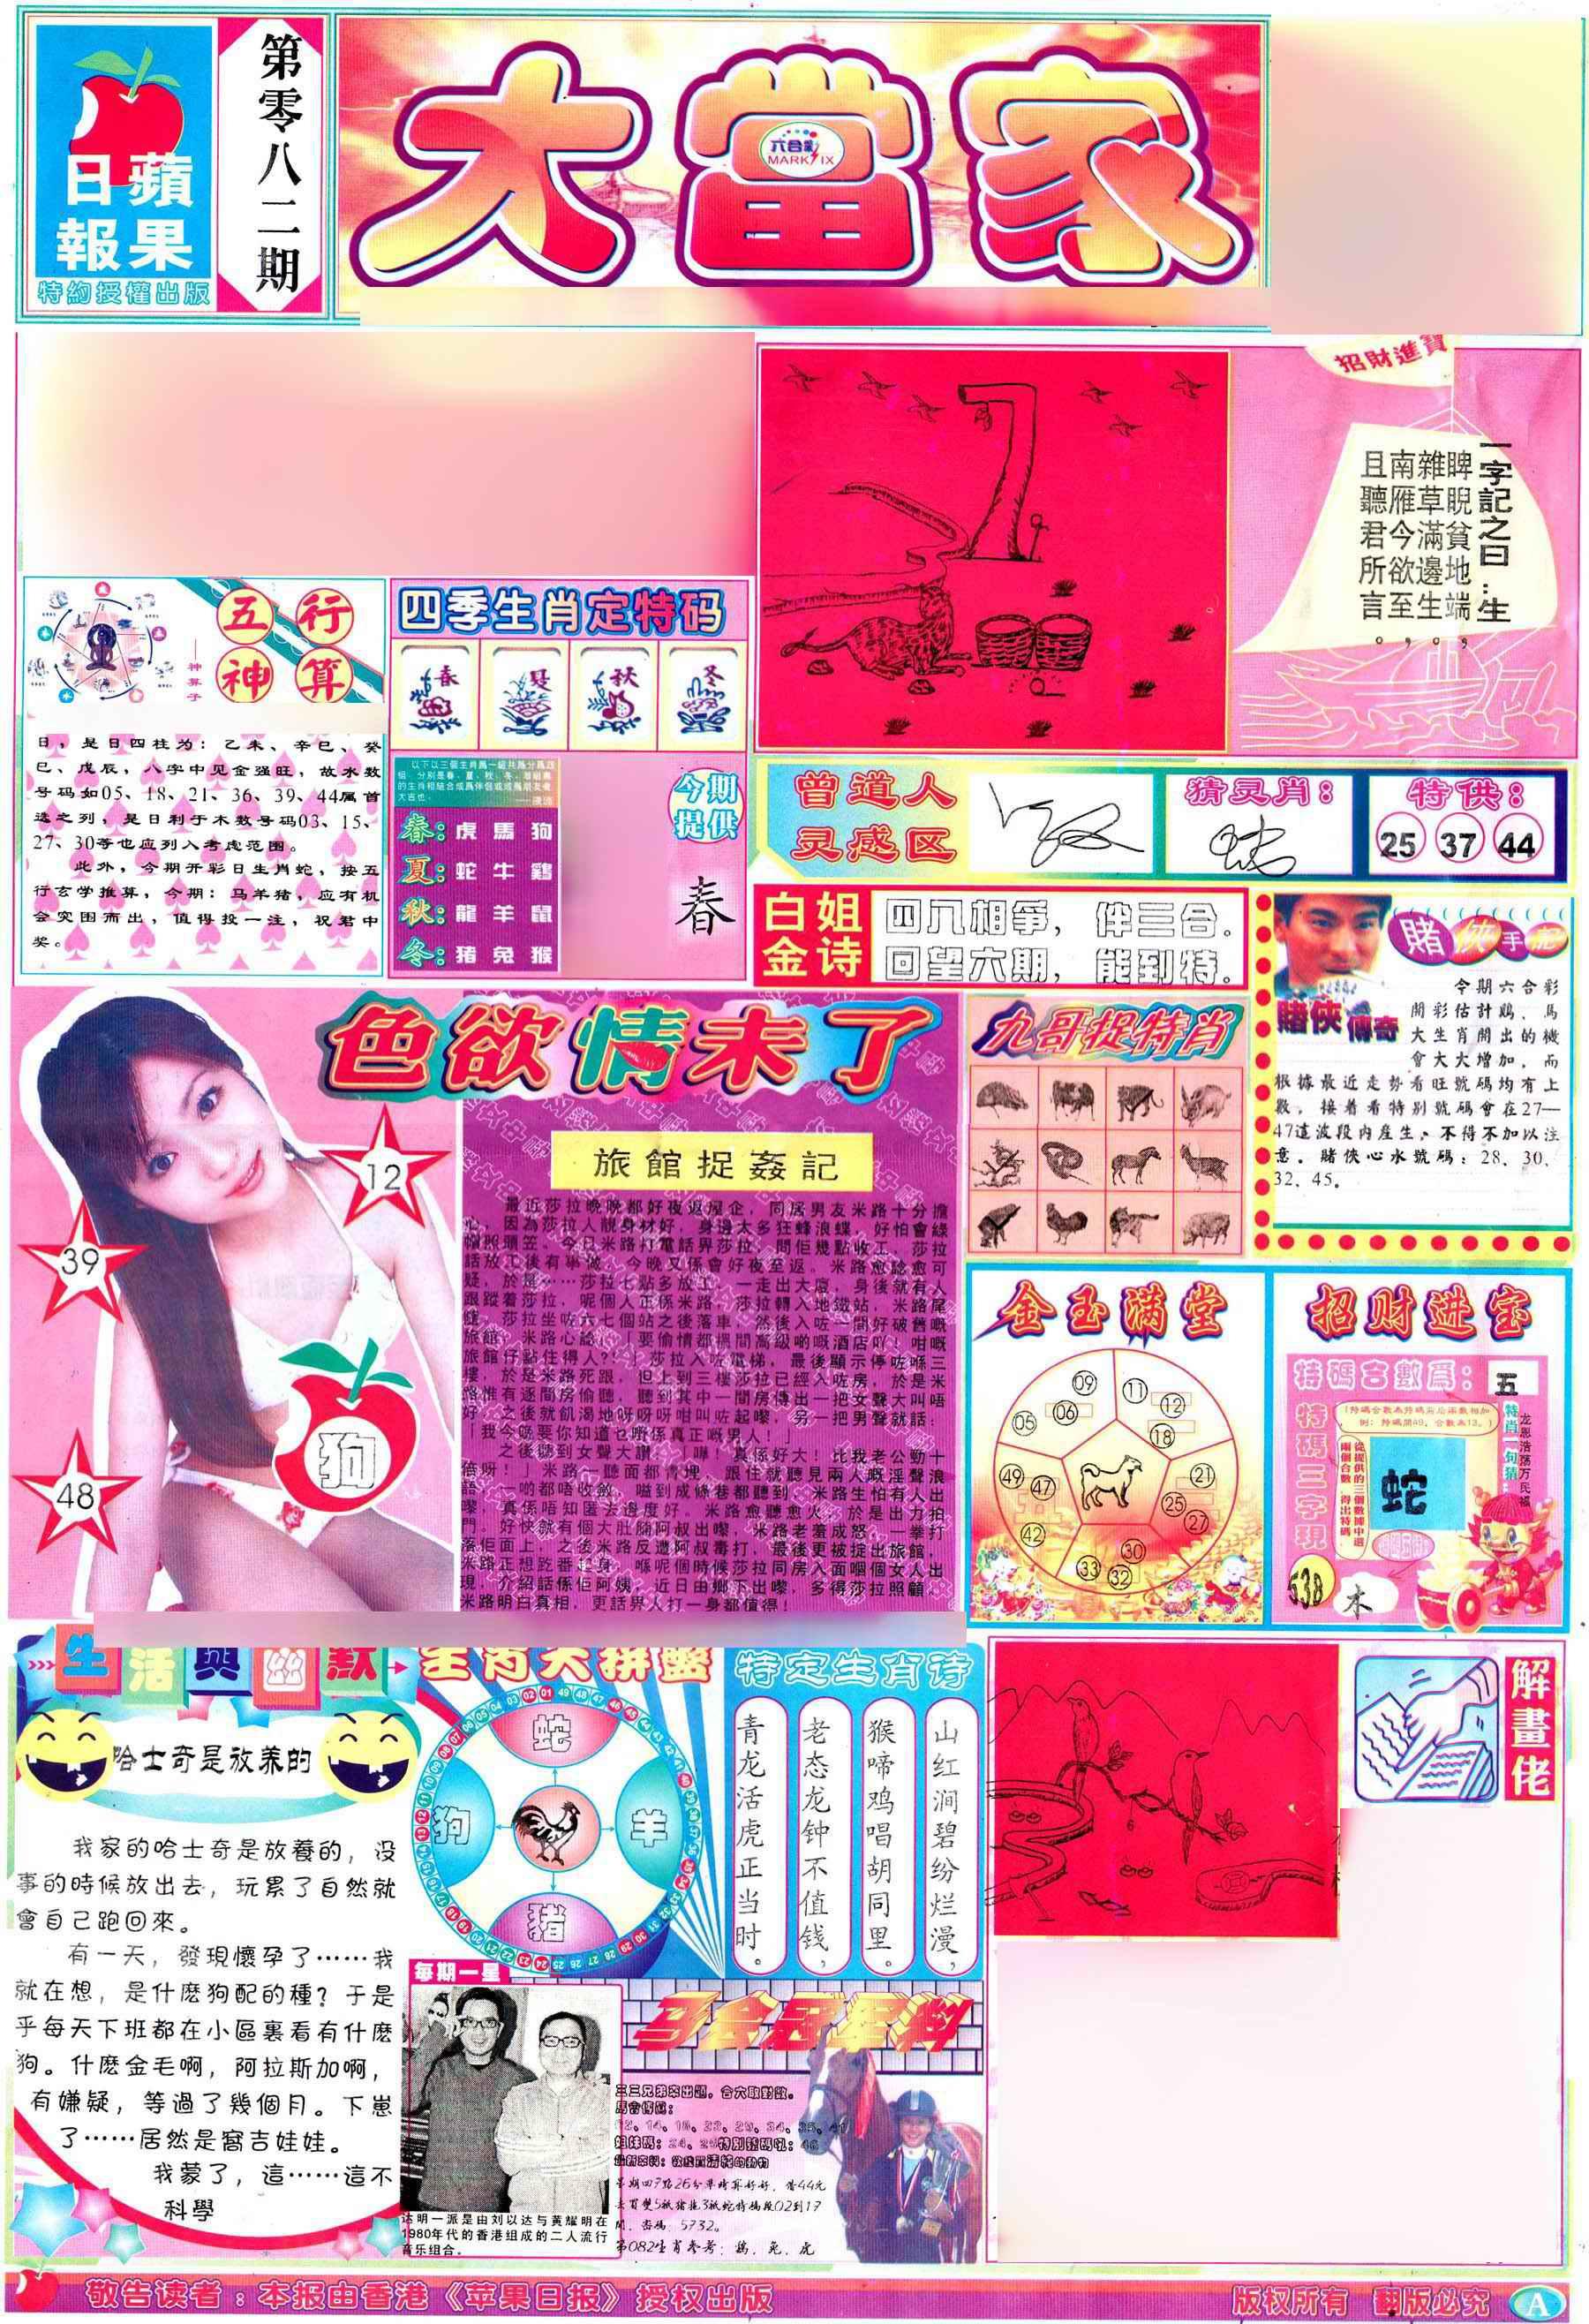 082期彩卷后庄A(保证香港版)